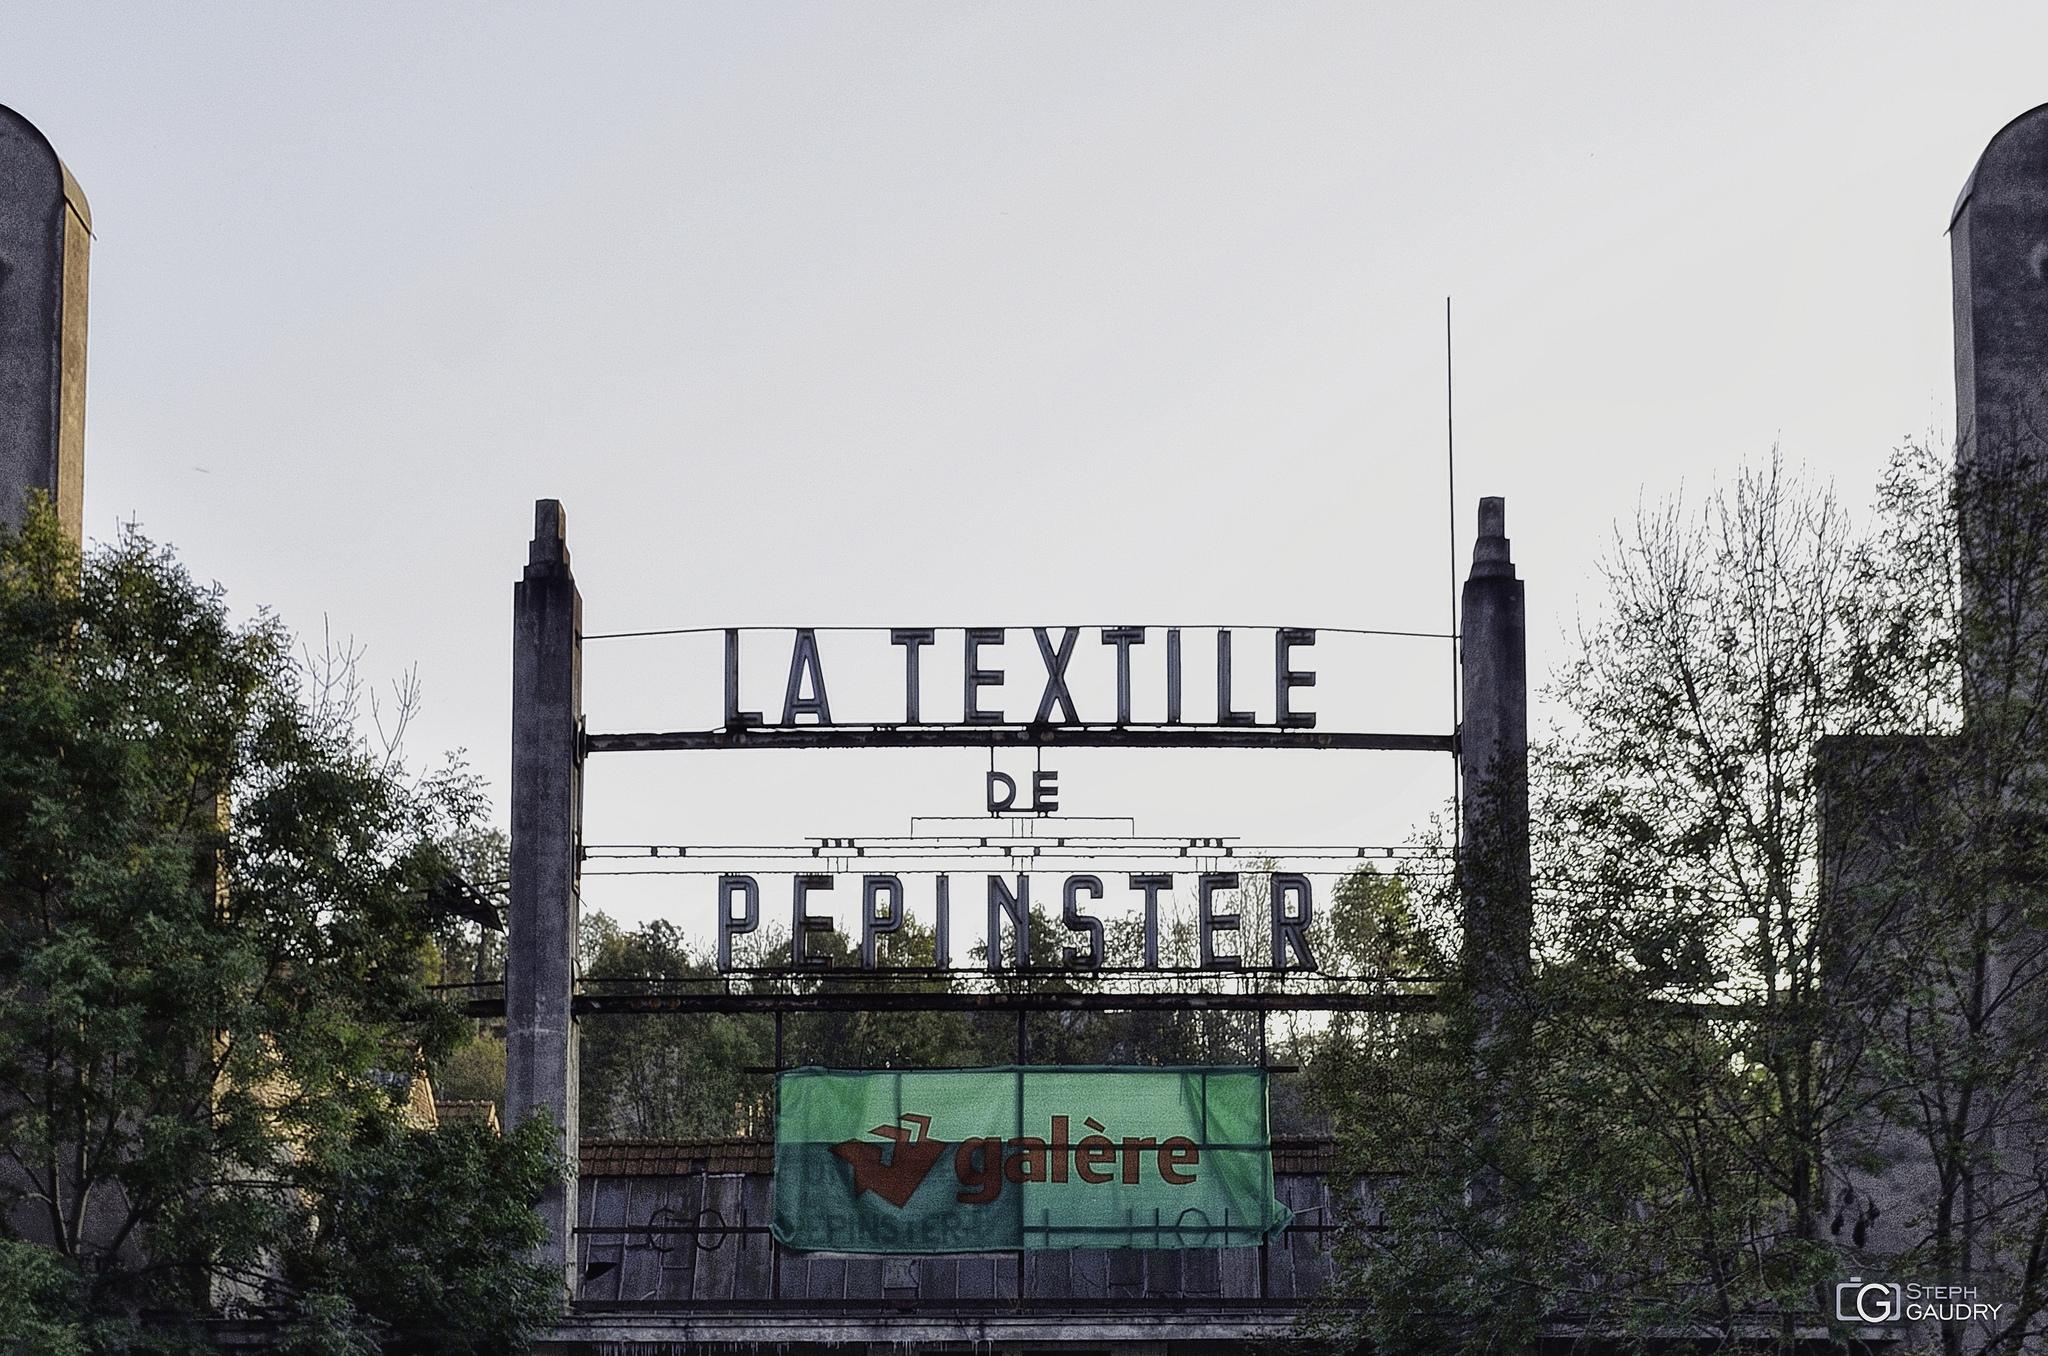 La textile de Pepinster [Cliquez pour lancer le diaporama]